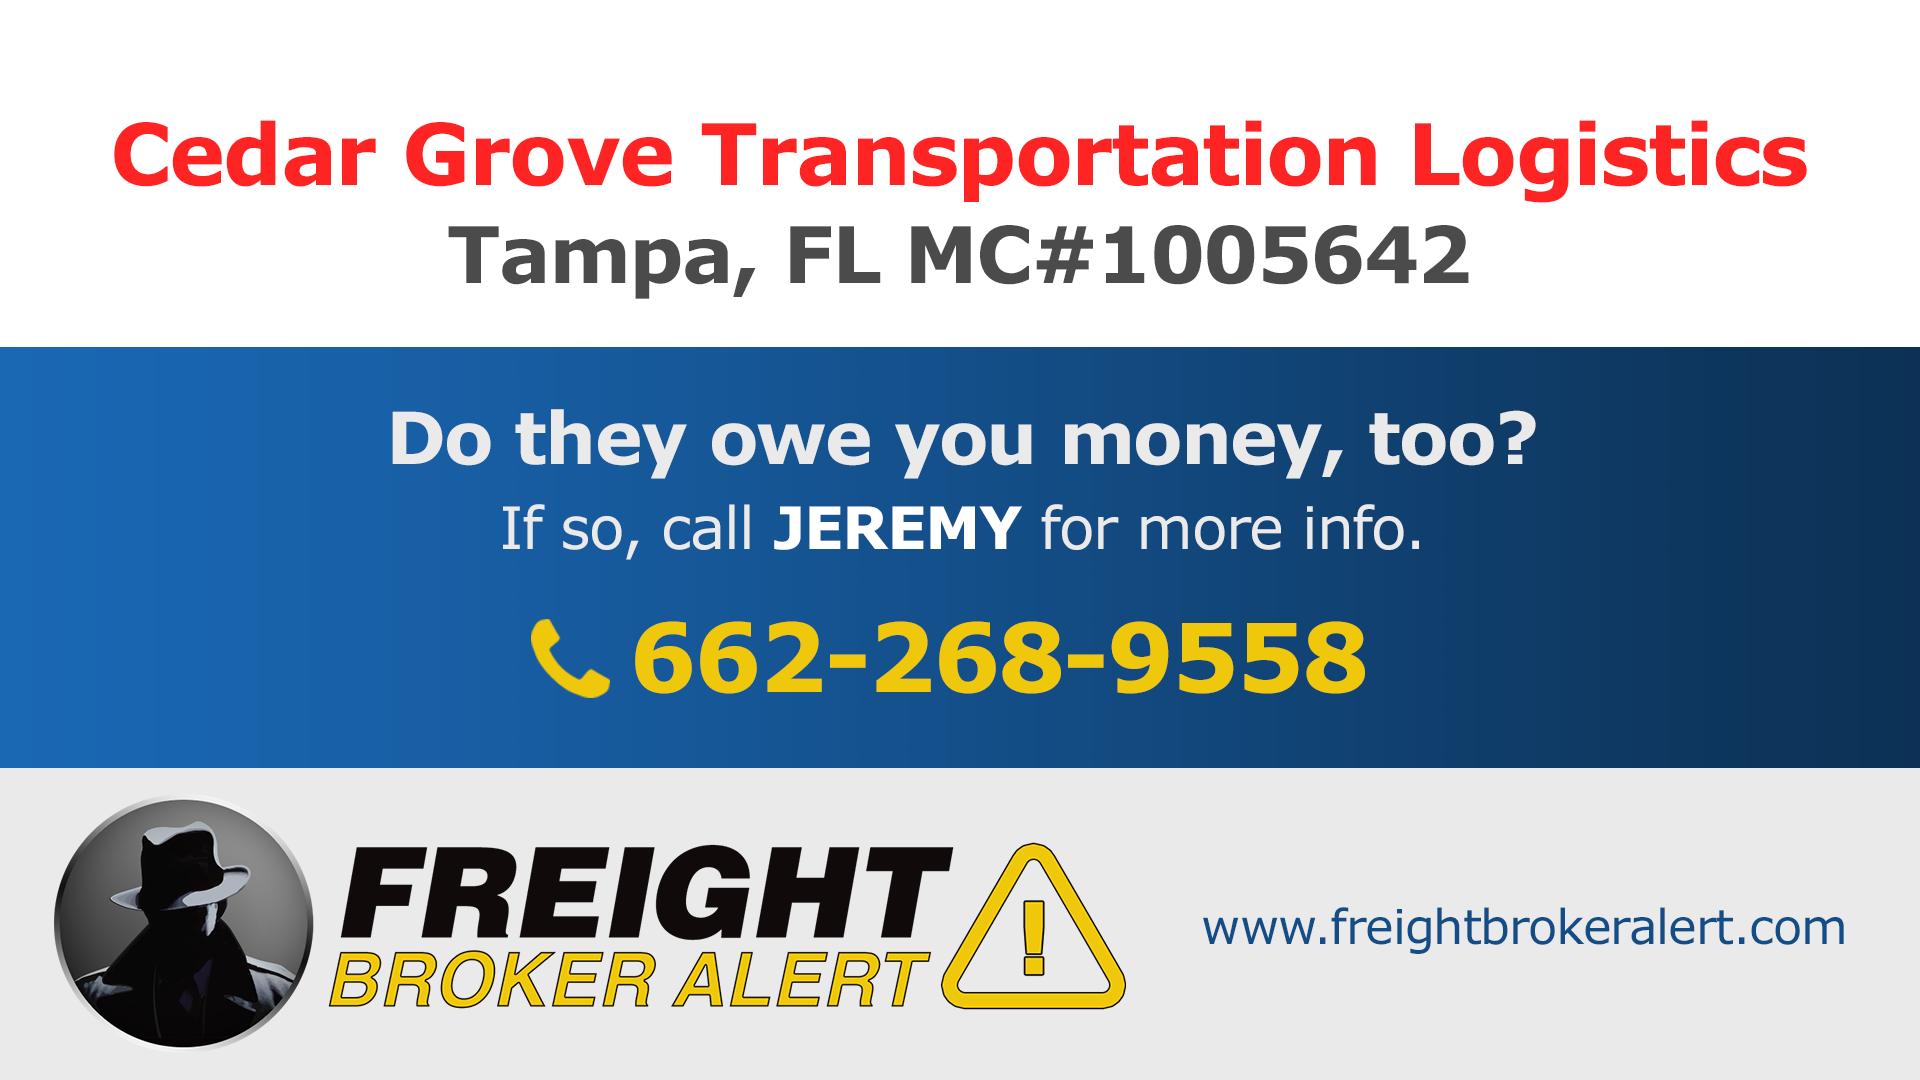 Cedar Grove Transportation Logistics Florida